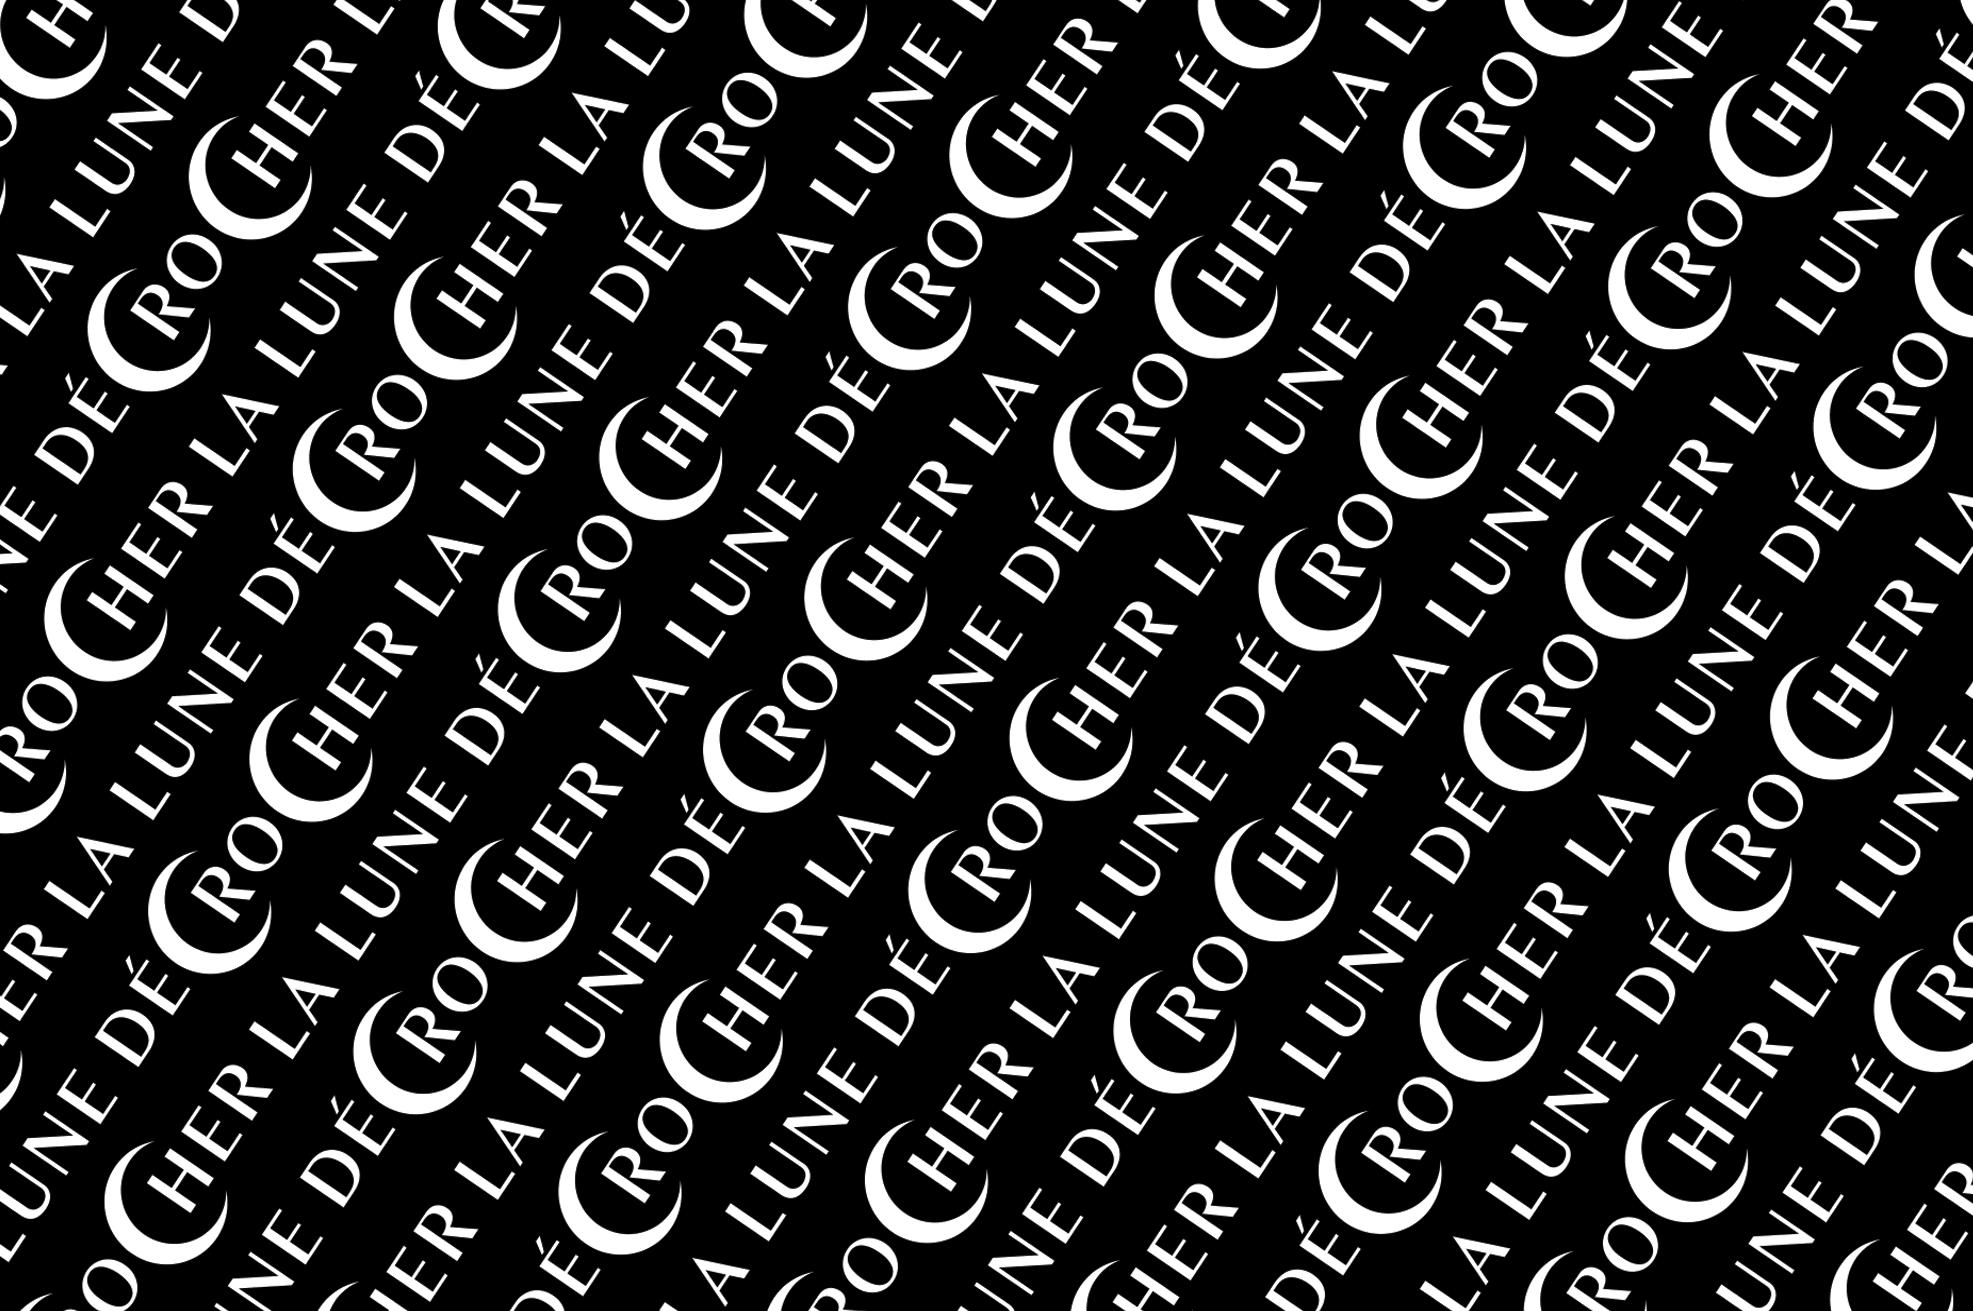 """motif typographique dessiné par le studio ichetkar en noir et blanc reprenant l'expression """"décrocher la lune"""""""